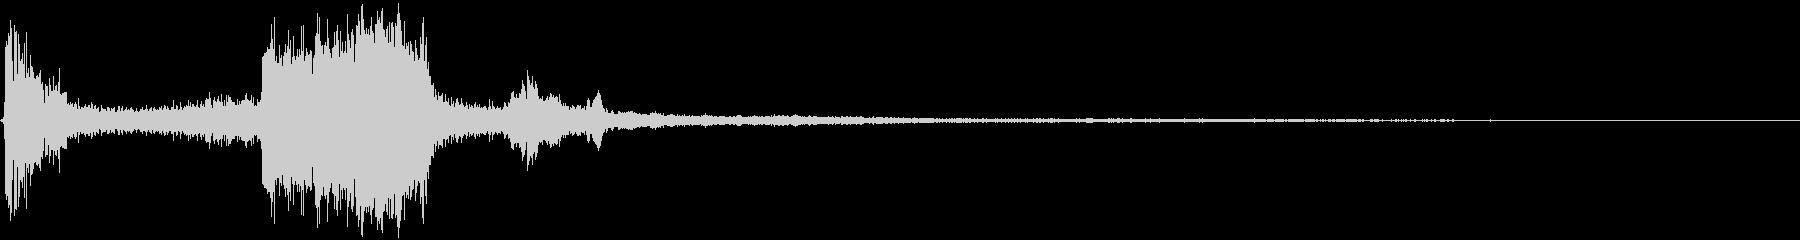 エレクトリックマイターソー:シング...の未再生の波形